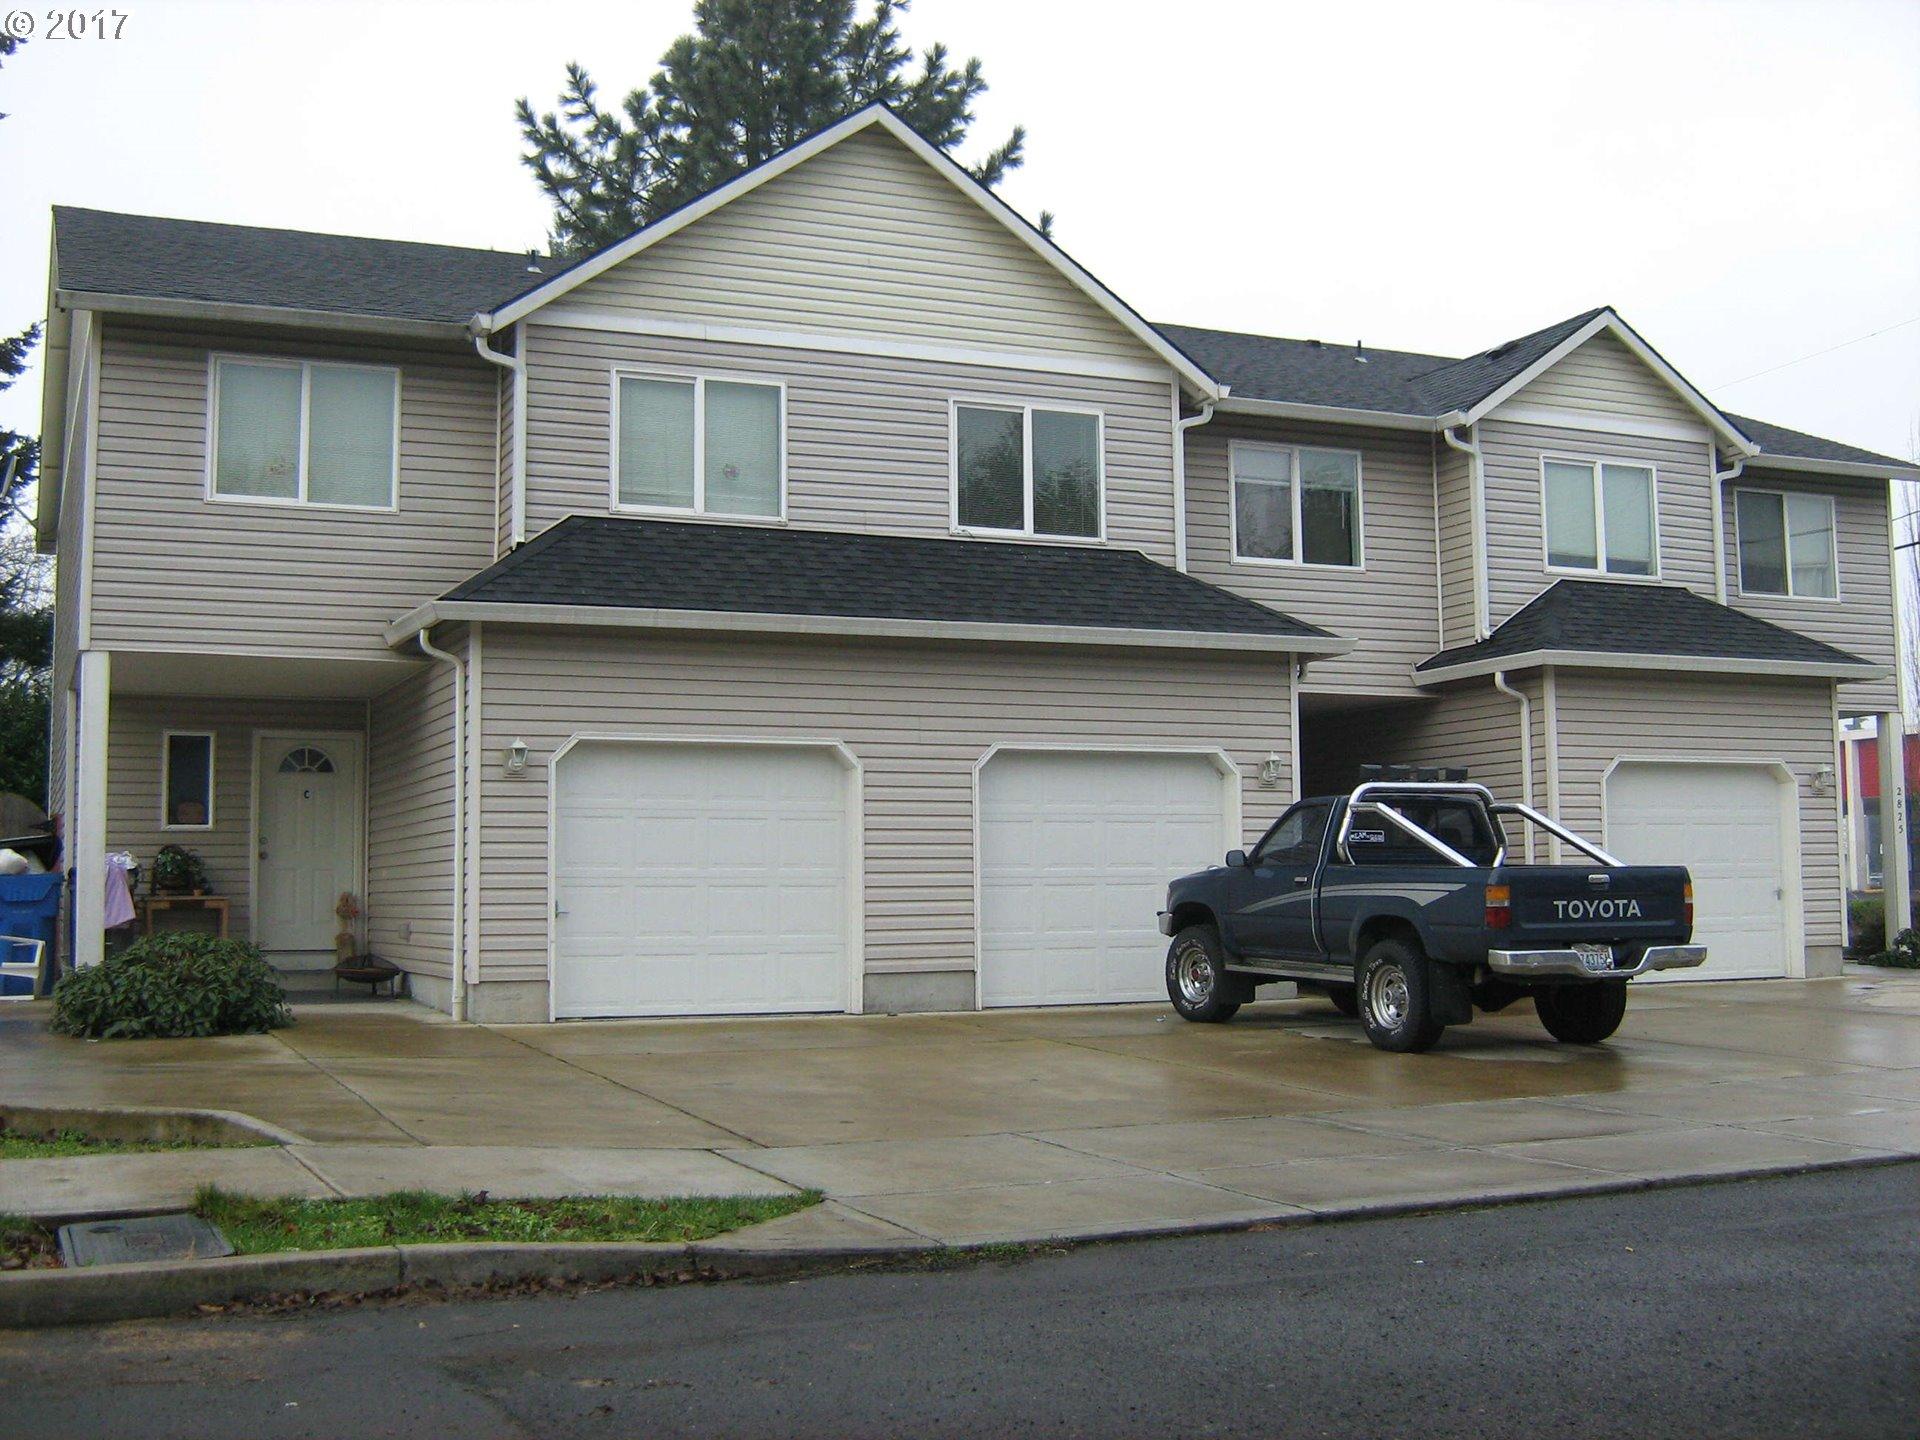 2825 E 20TH ST, Vancouver, WA 98661